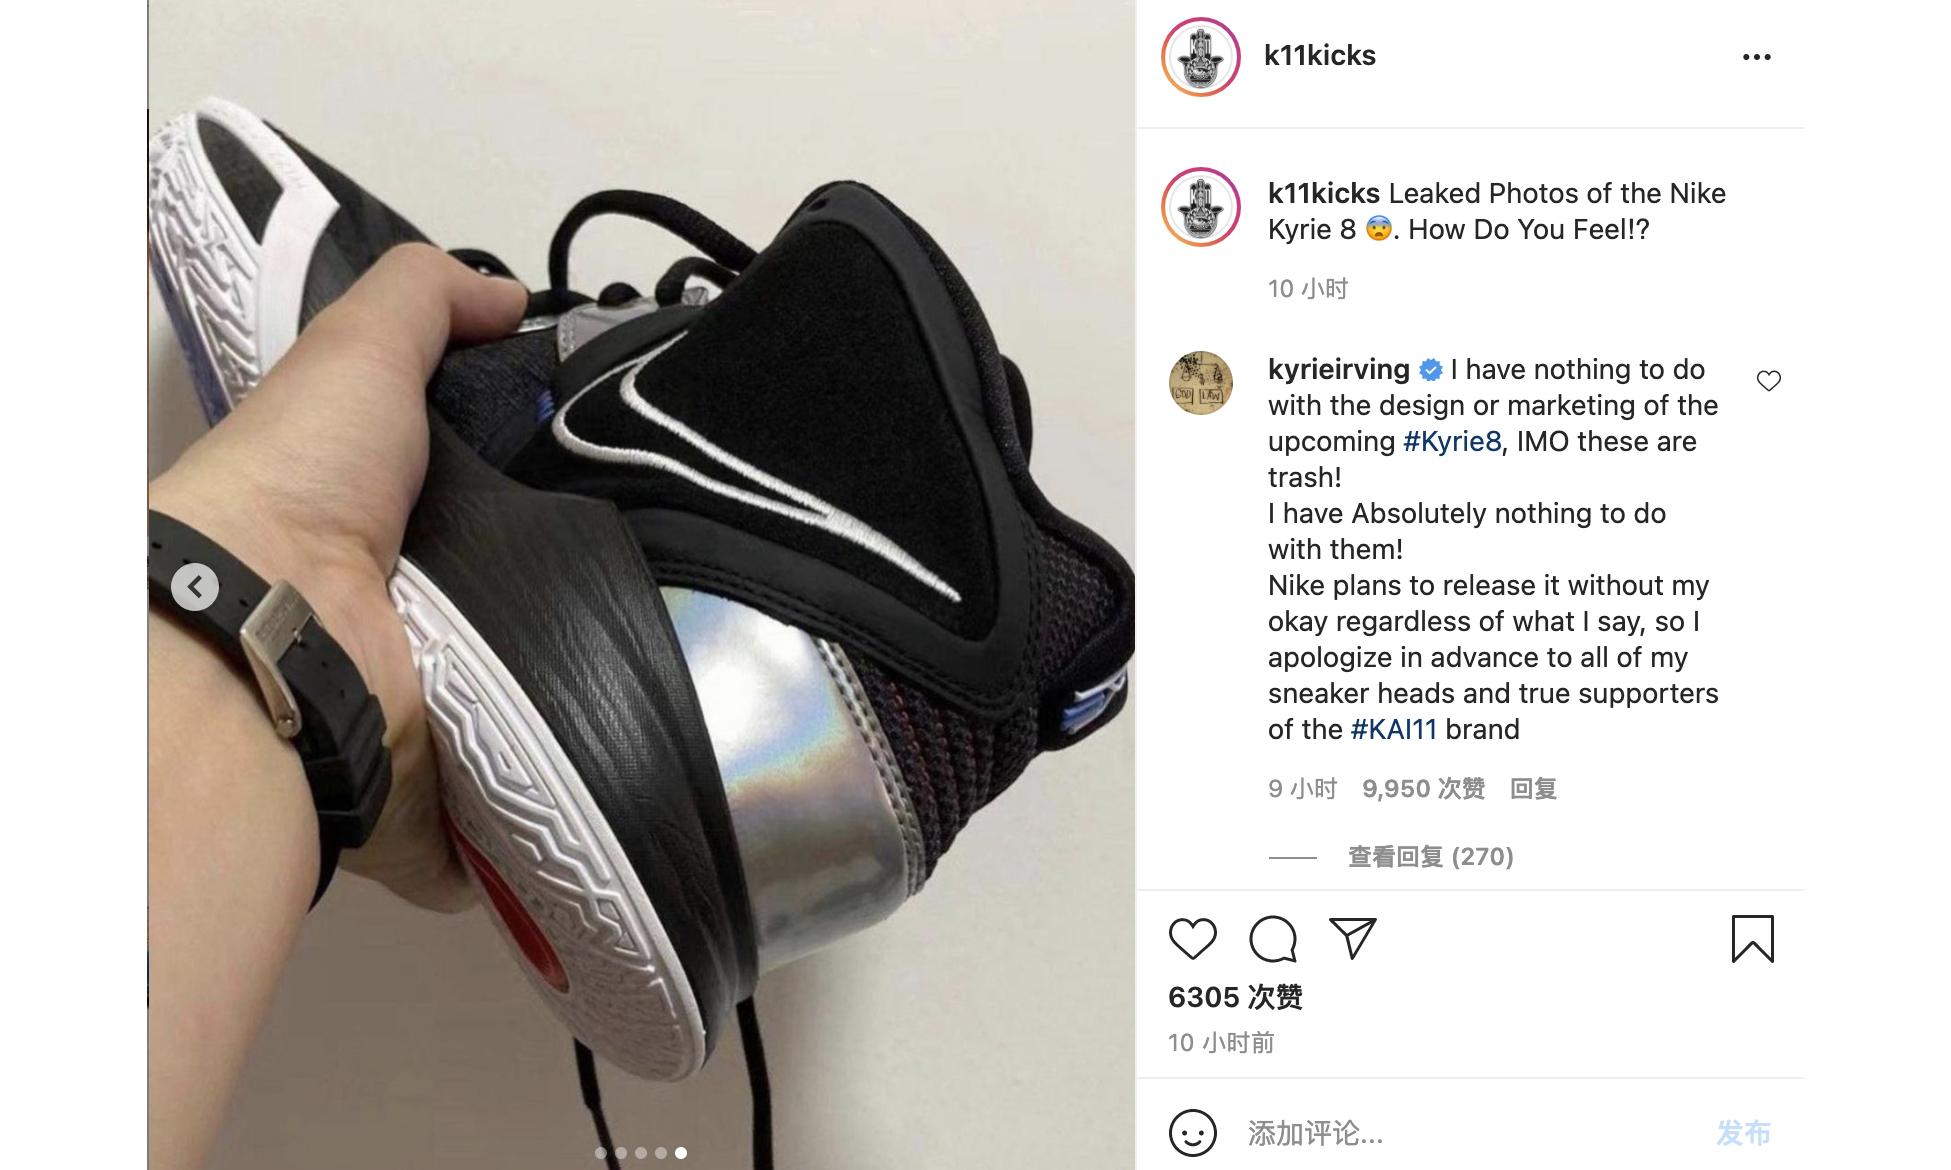 怒喷 Nike,凯里·欧文称自己的 8 代签名鞋是「垃圾」